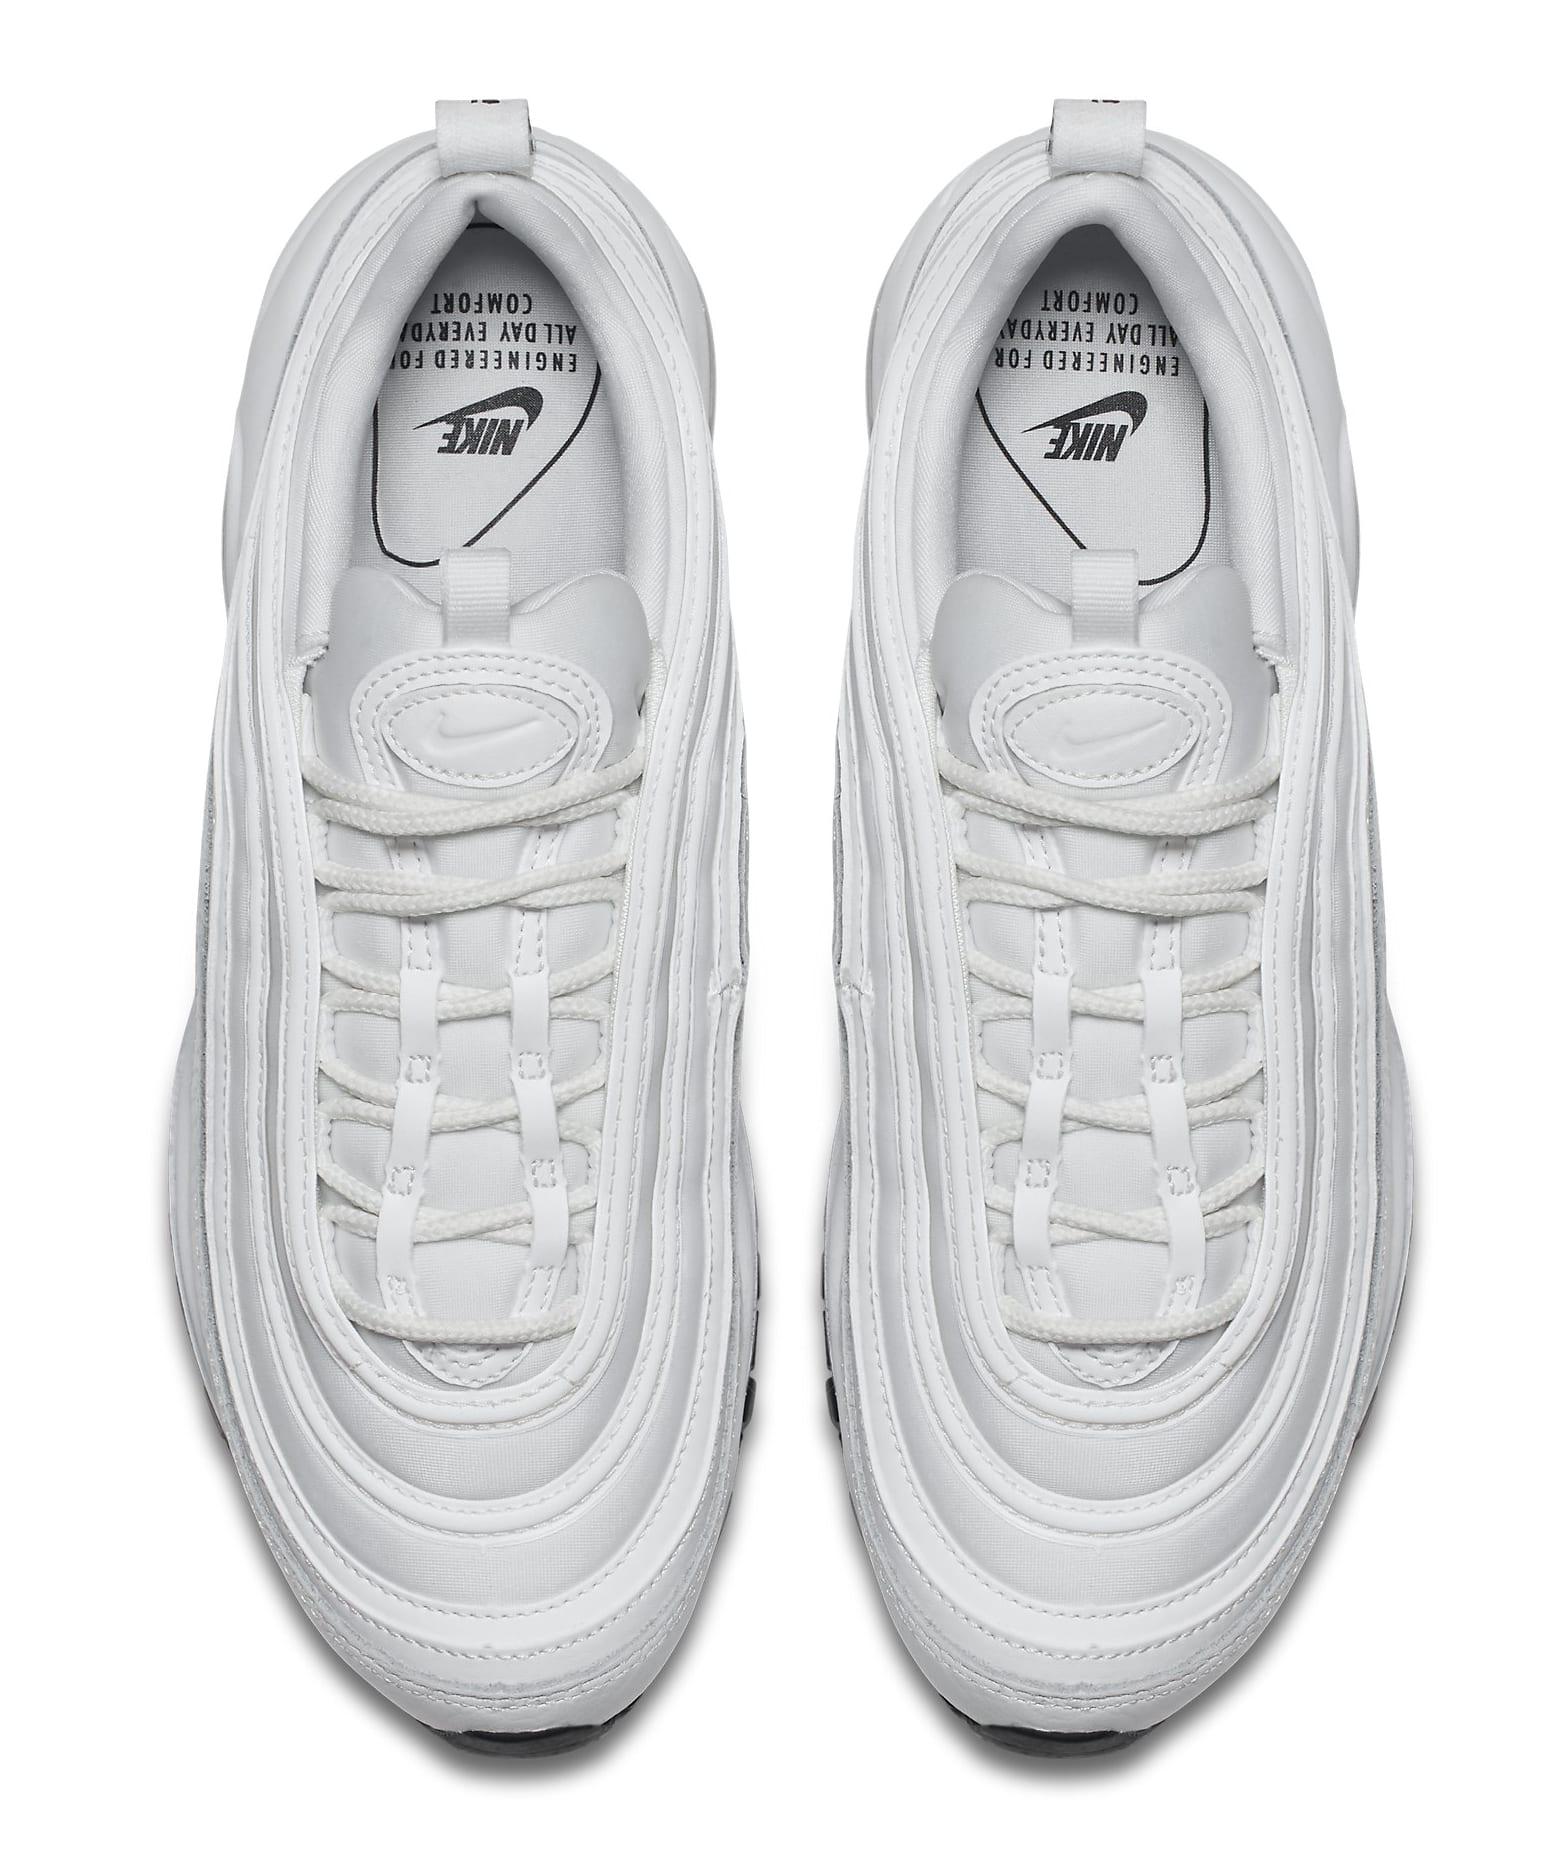 Nike Air Max 97 White Summit